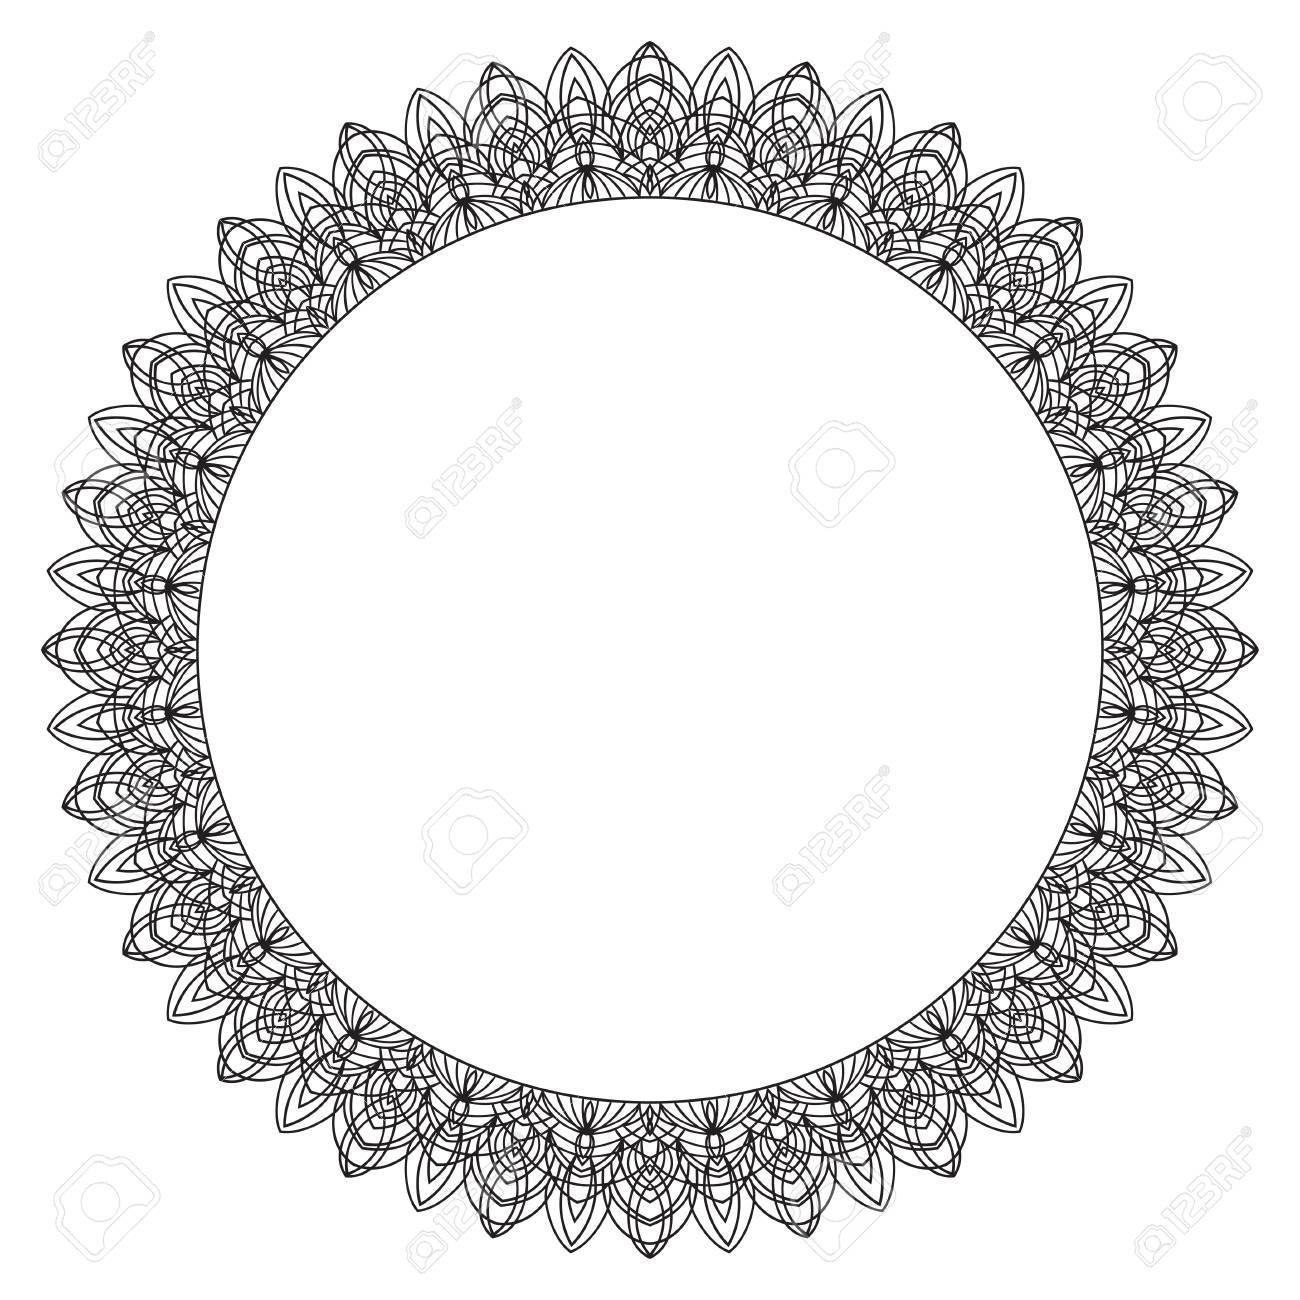 Cadre De Dessin à La Main Noir Et Blanc Fleur Mandala Vector Illustration Le Meilleur Pour Votre Conception Des Textiles Des Affiches Des